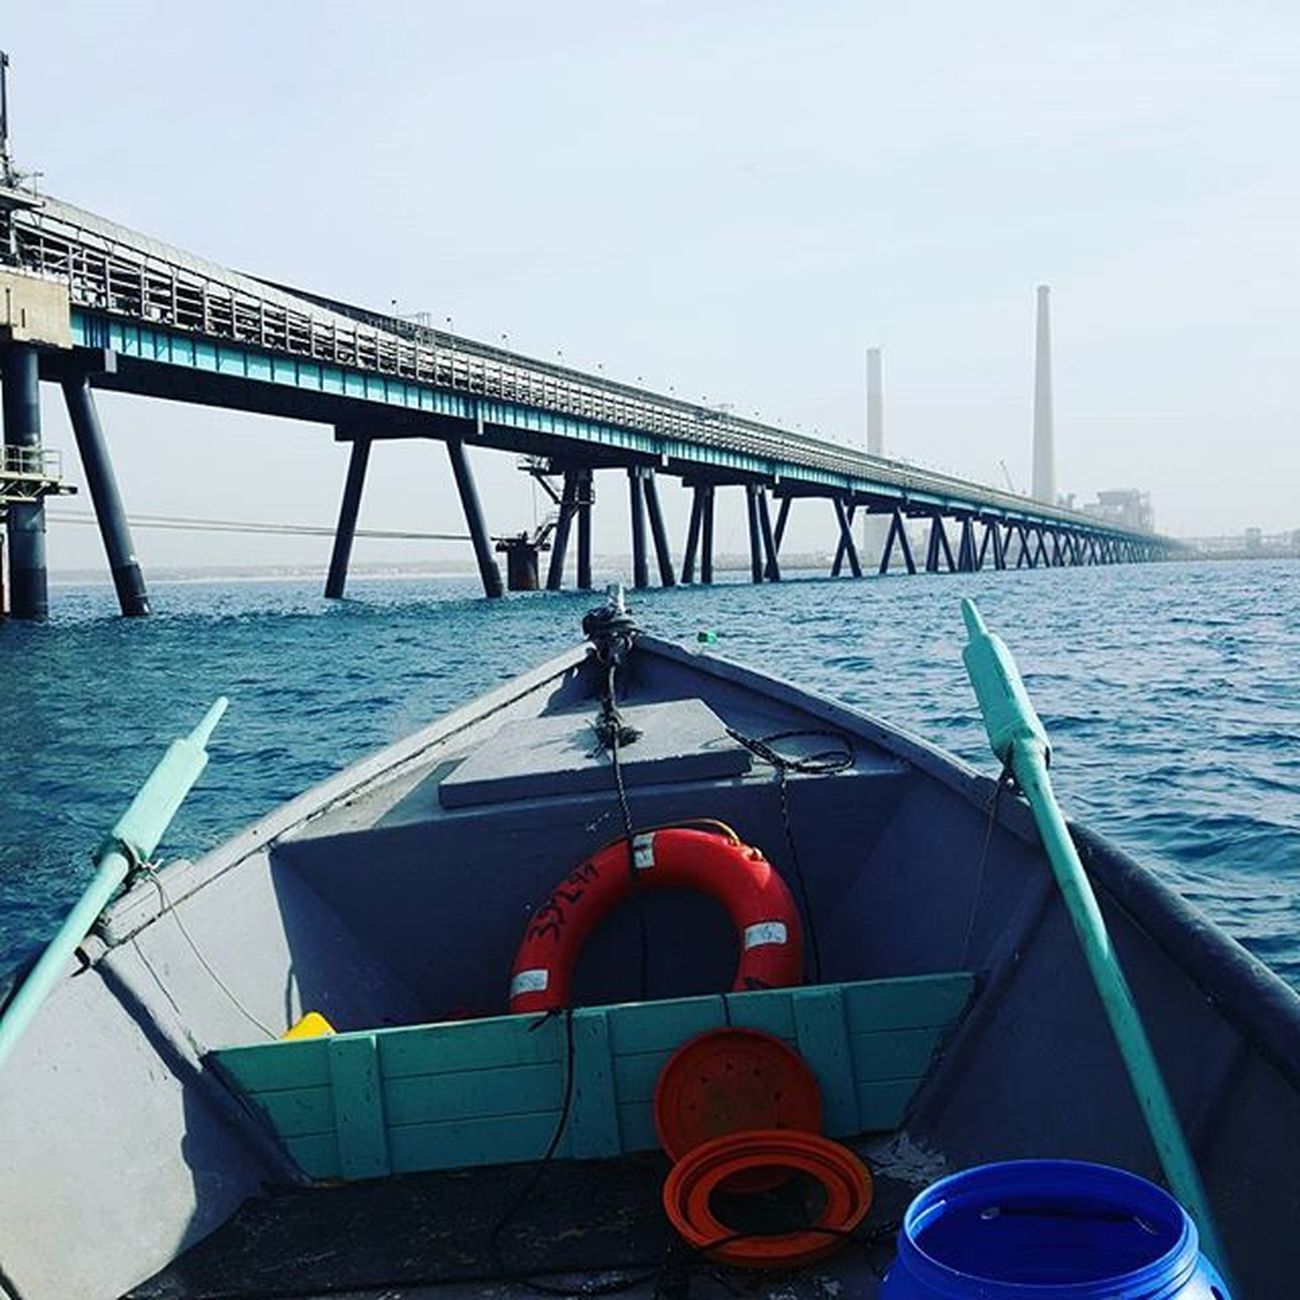 הבוקר טוב עם דייגי חדרה האלופים🐚🐟🐠🐚